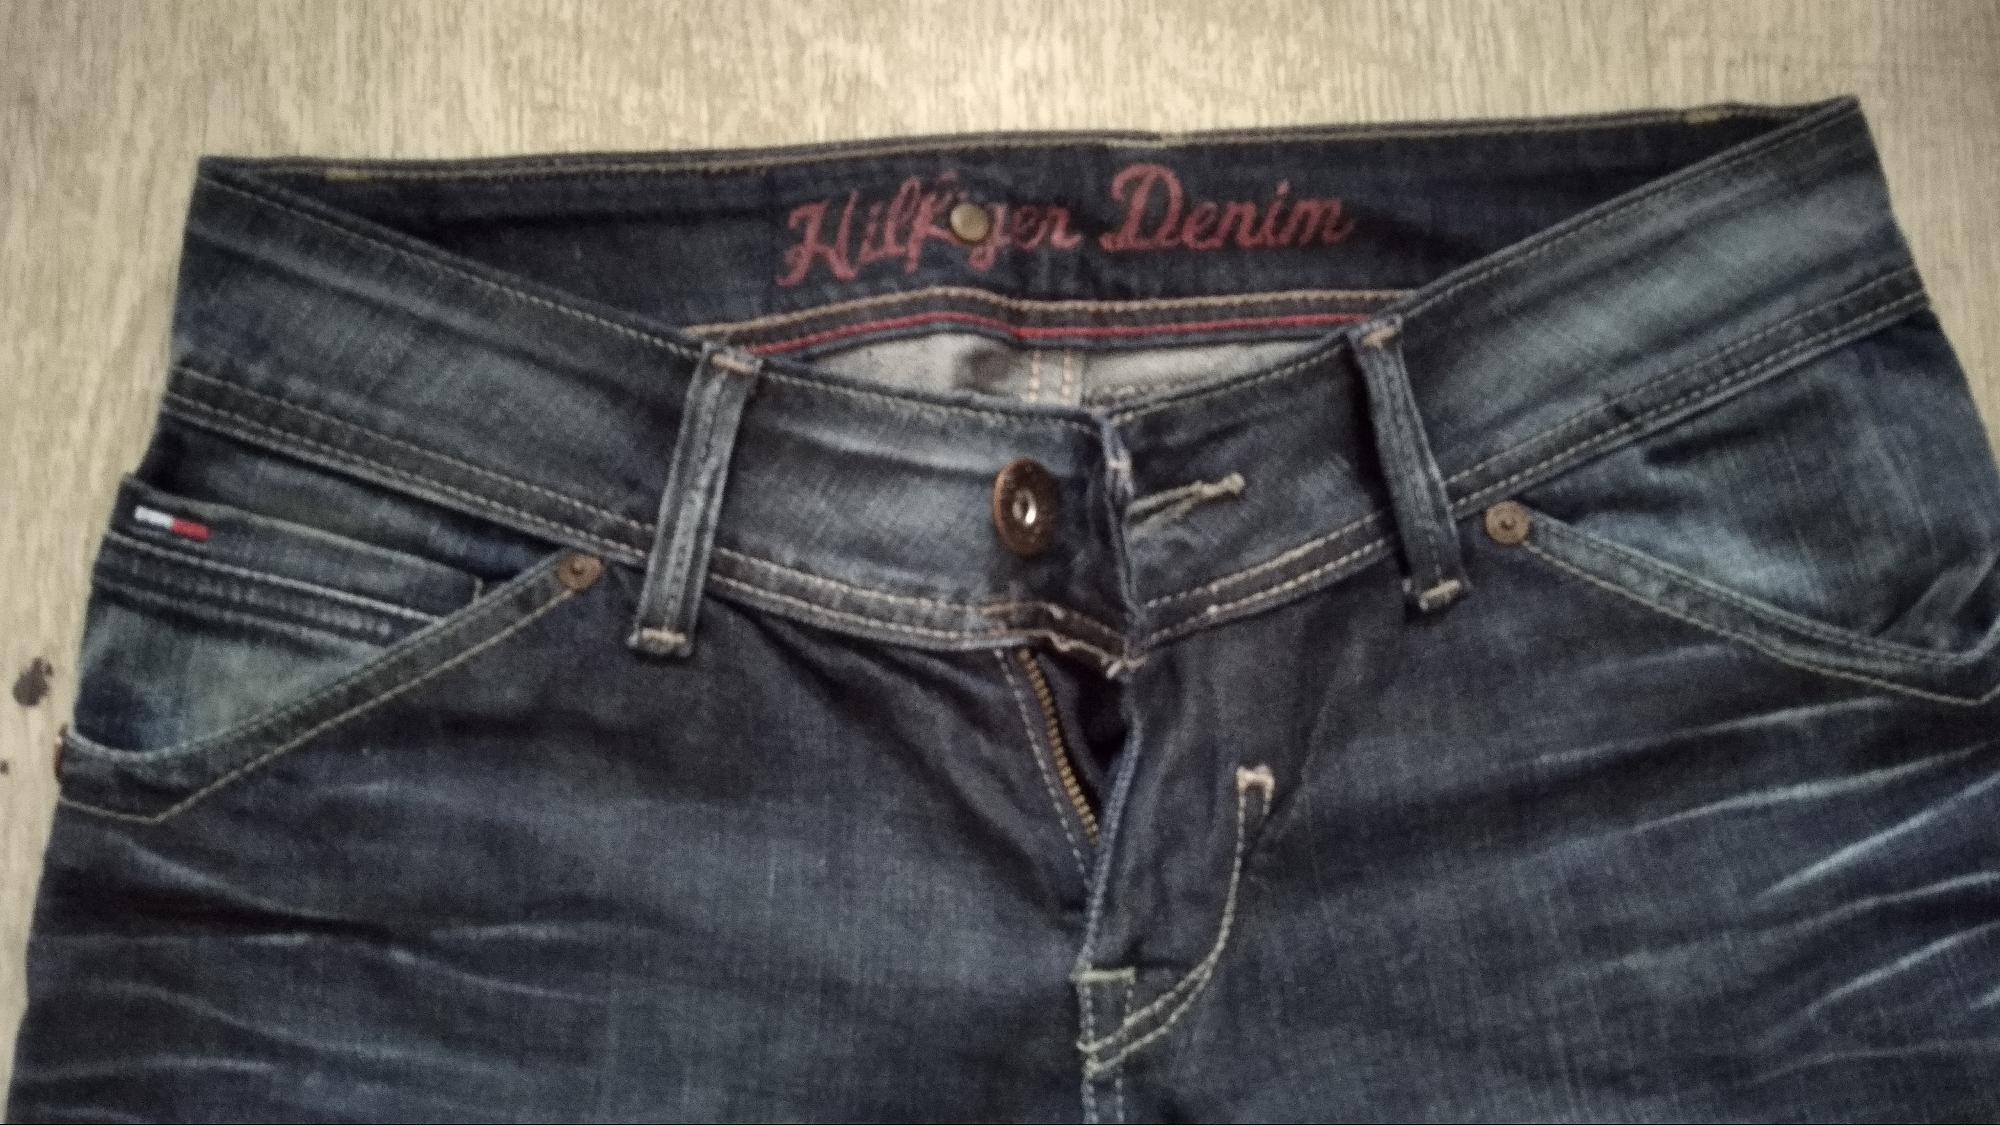 troc de troc jean - taille 36/38 image 0